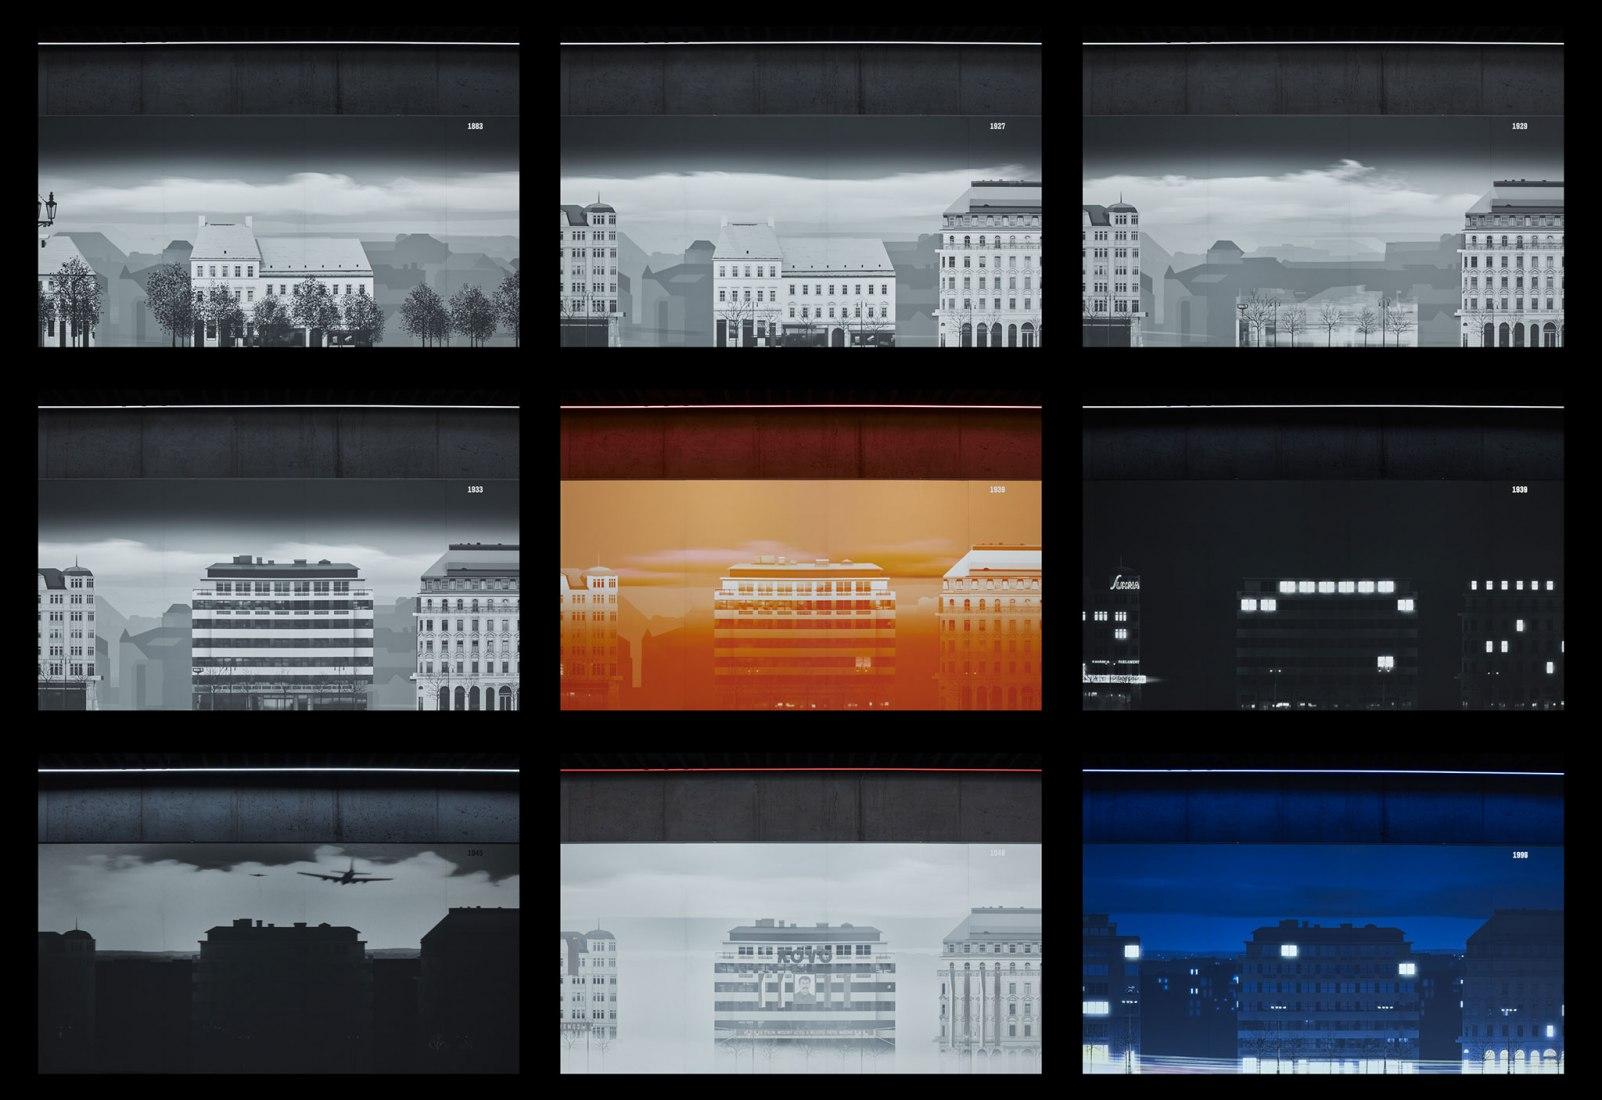 Momentos de la historia, The Time Corridor por Kolmo + Loom on the Moon + Pink Productions. Fotografía por BoysPlayNice